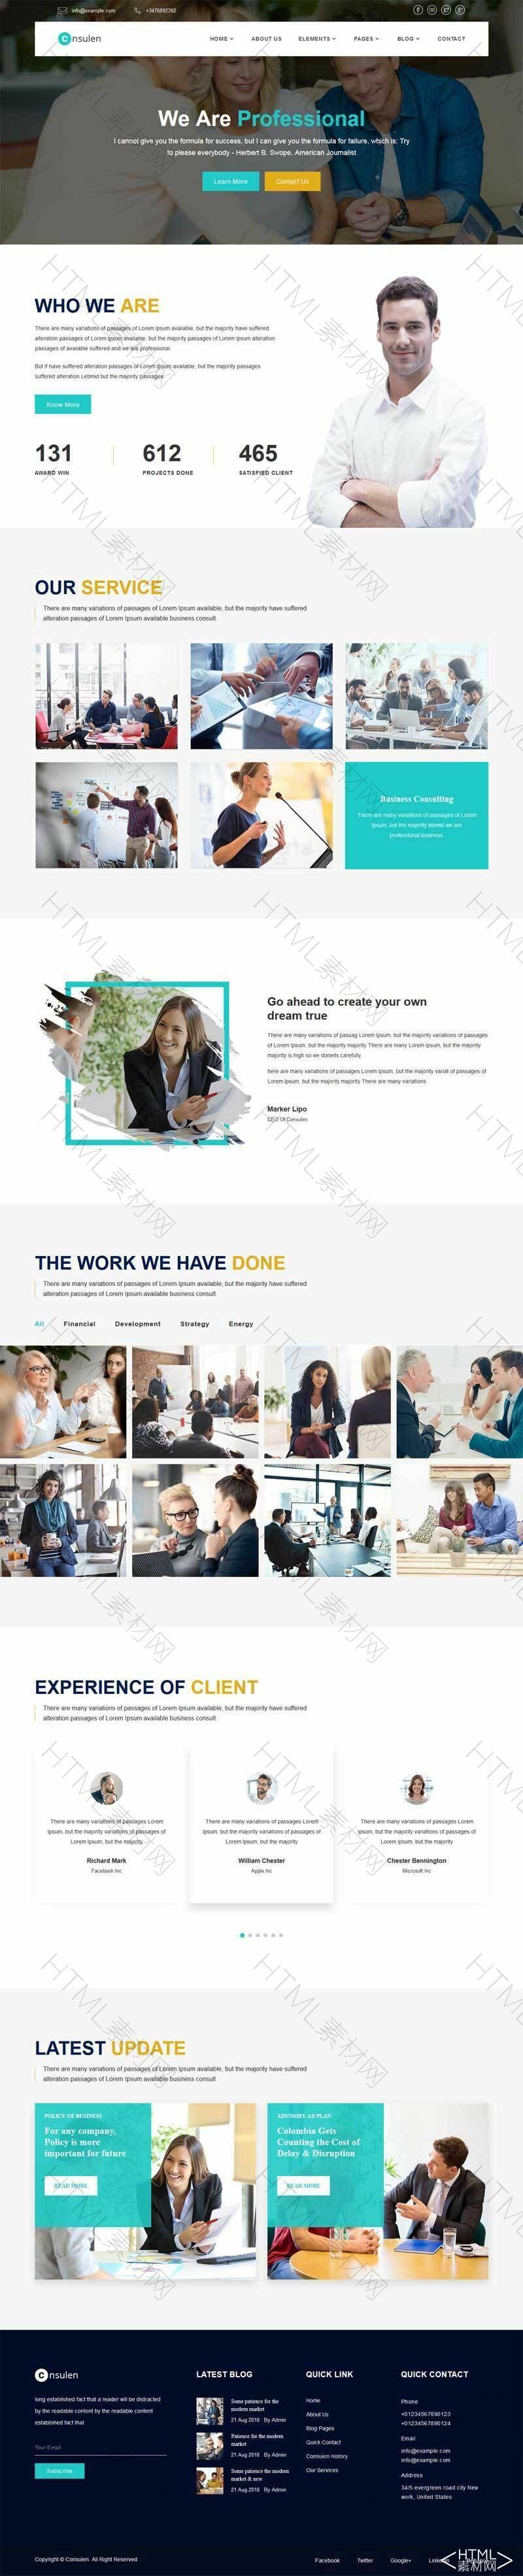 大气的金融保险咨询公司网站响应式模板.jpg